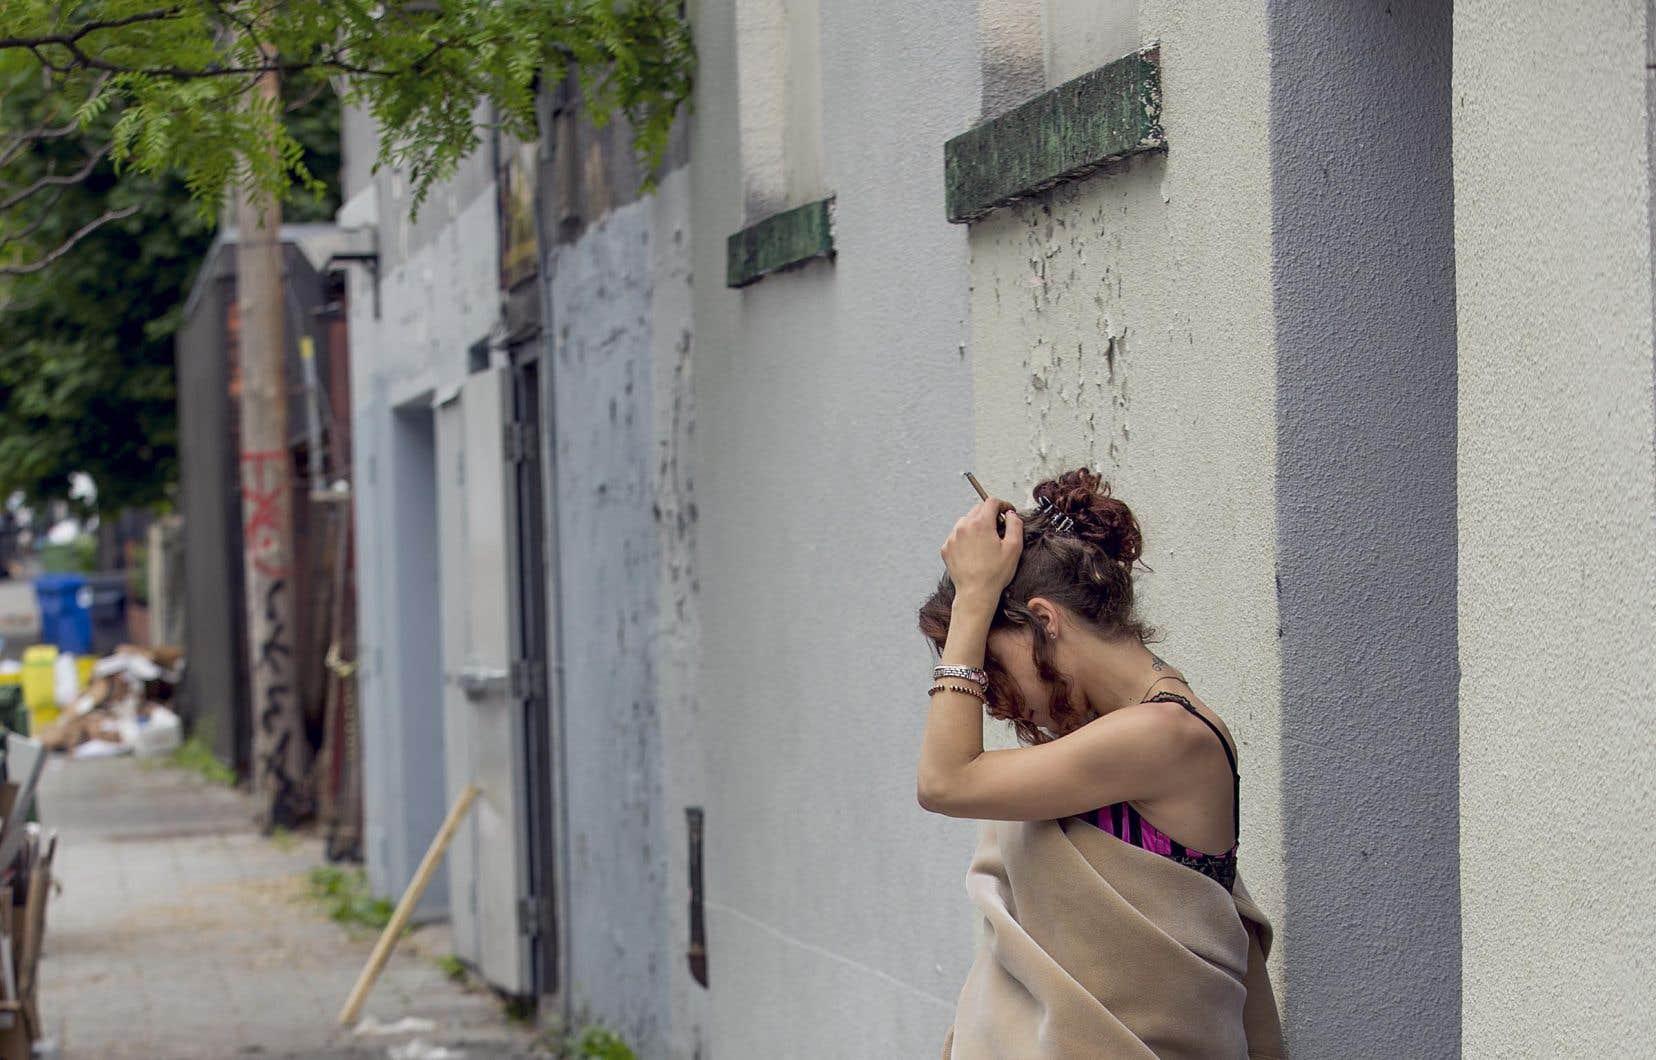 Les femmes qui se prostituent le font pour plusieurs raisons, mais très rares sont celles qui le font par plaisir, souligne l'auteure.